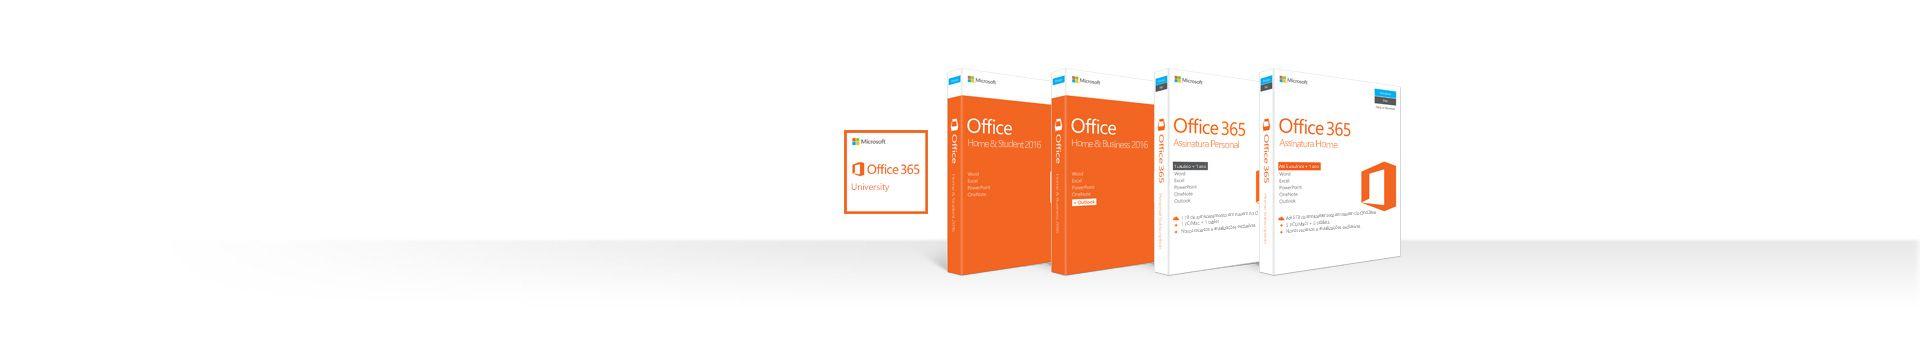 Uma linha de caixas de produtos do Office 2016 e do Office 365 para Mac